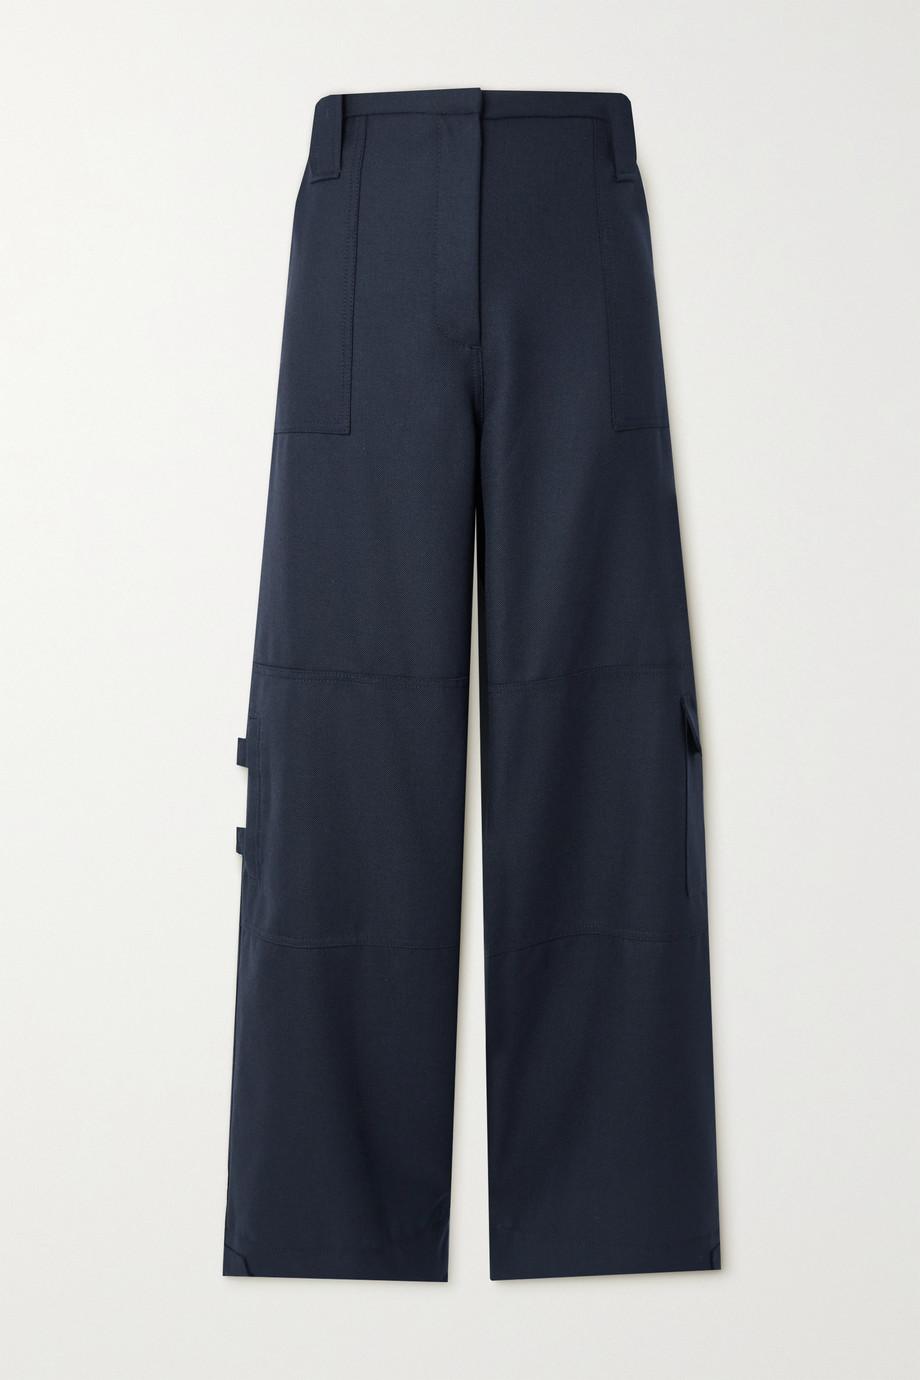 GANNI Pantalon large en laine mélangée